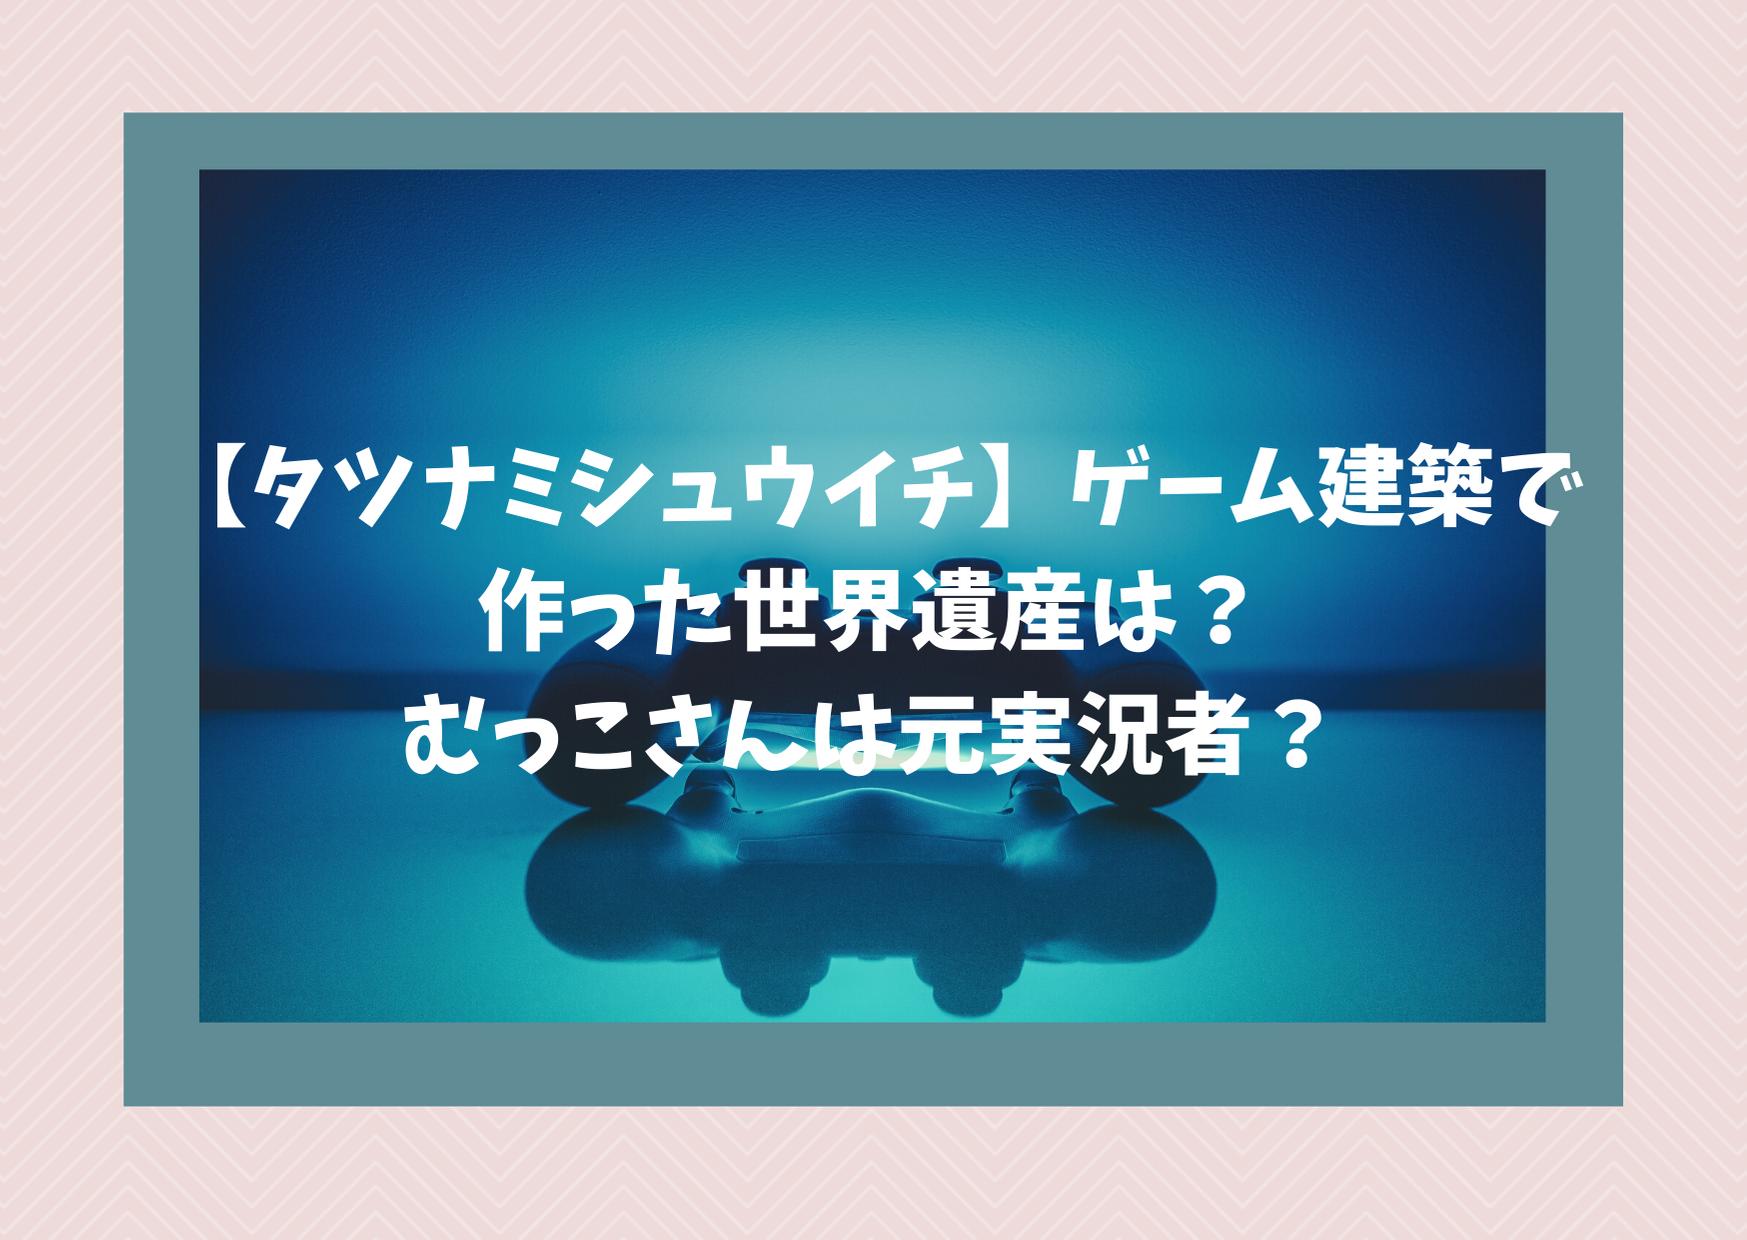 【タツナミシュウイチ】ゲーム建築で作った世界遺産は?むっこさんは元実況者?